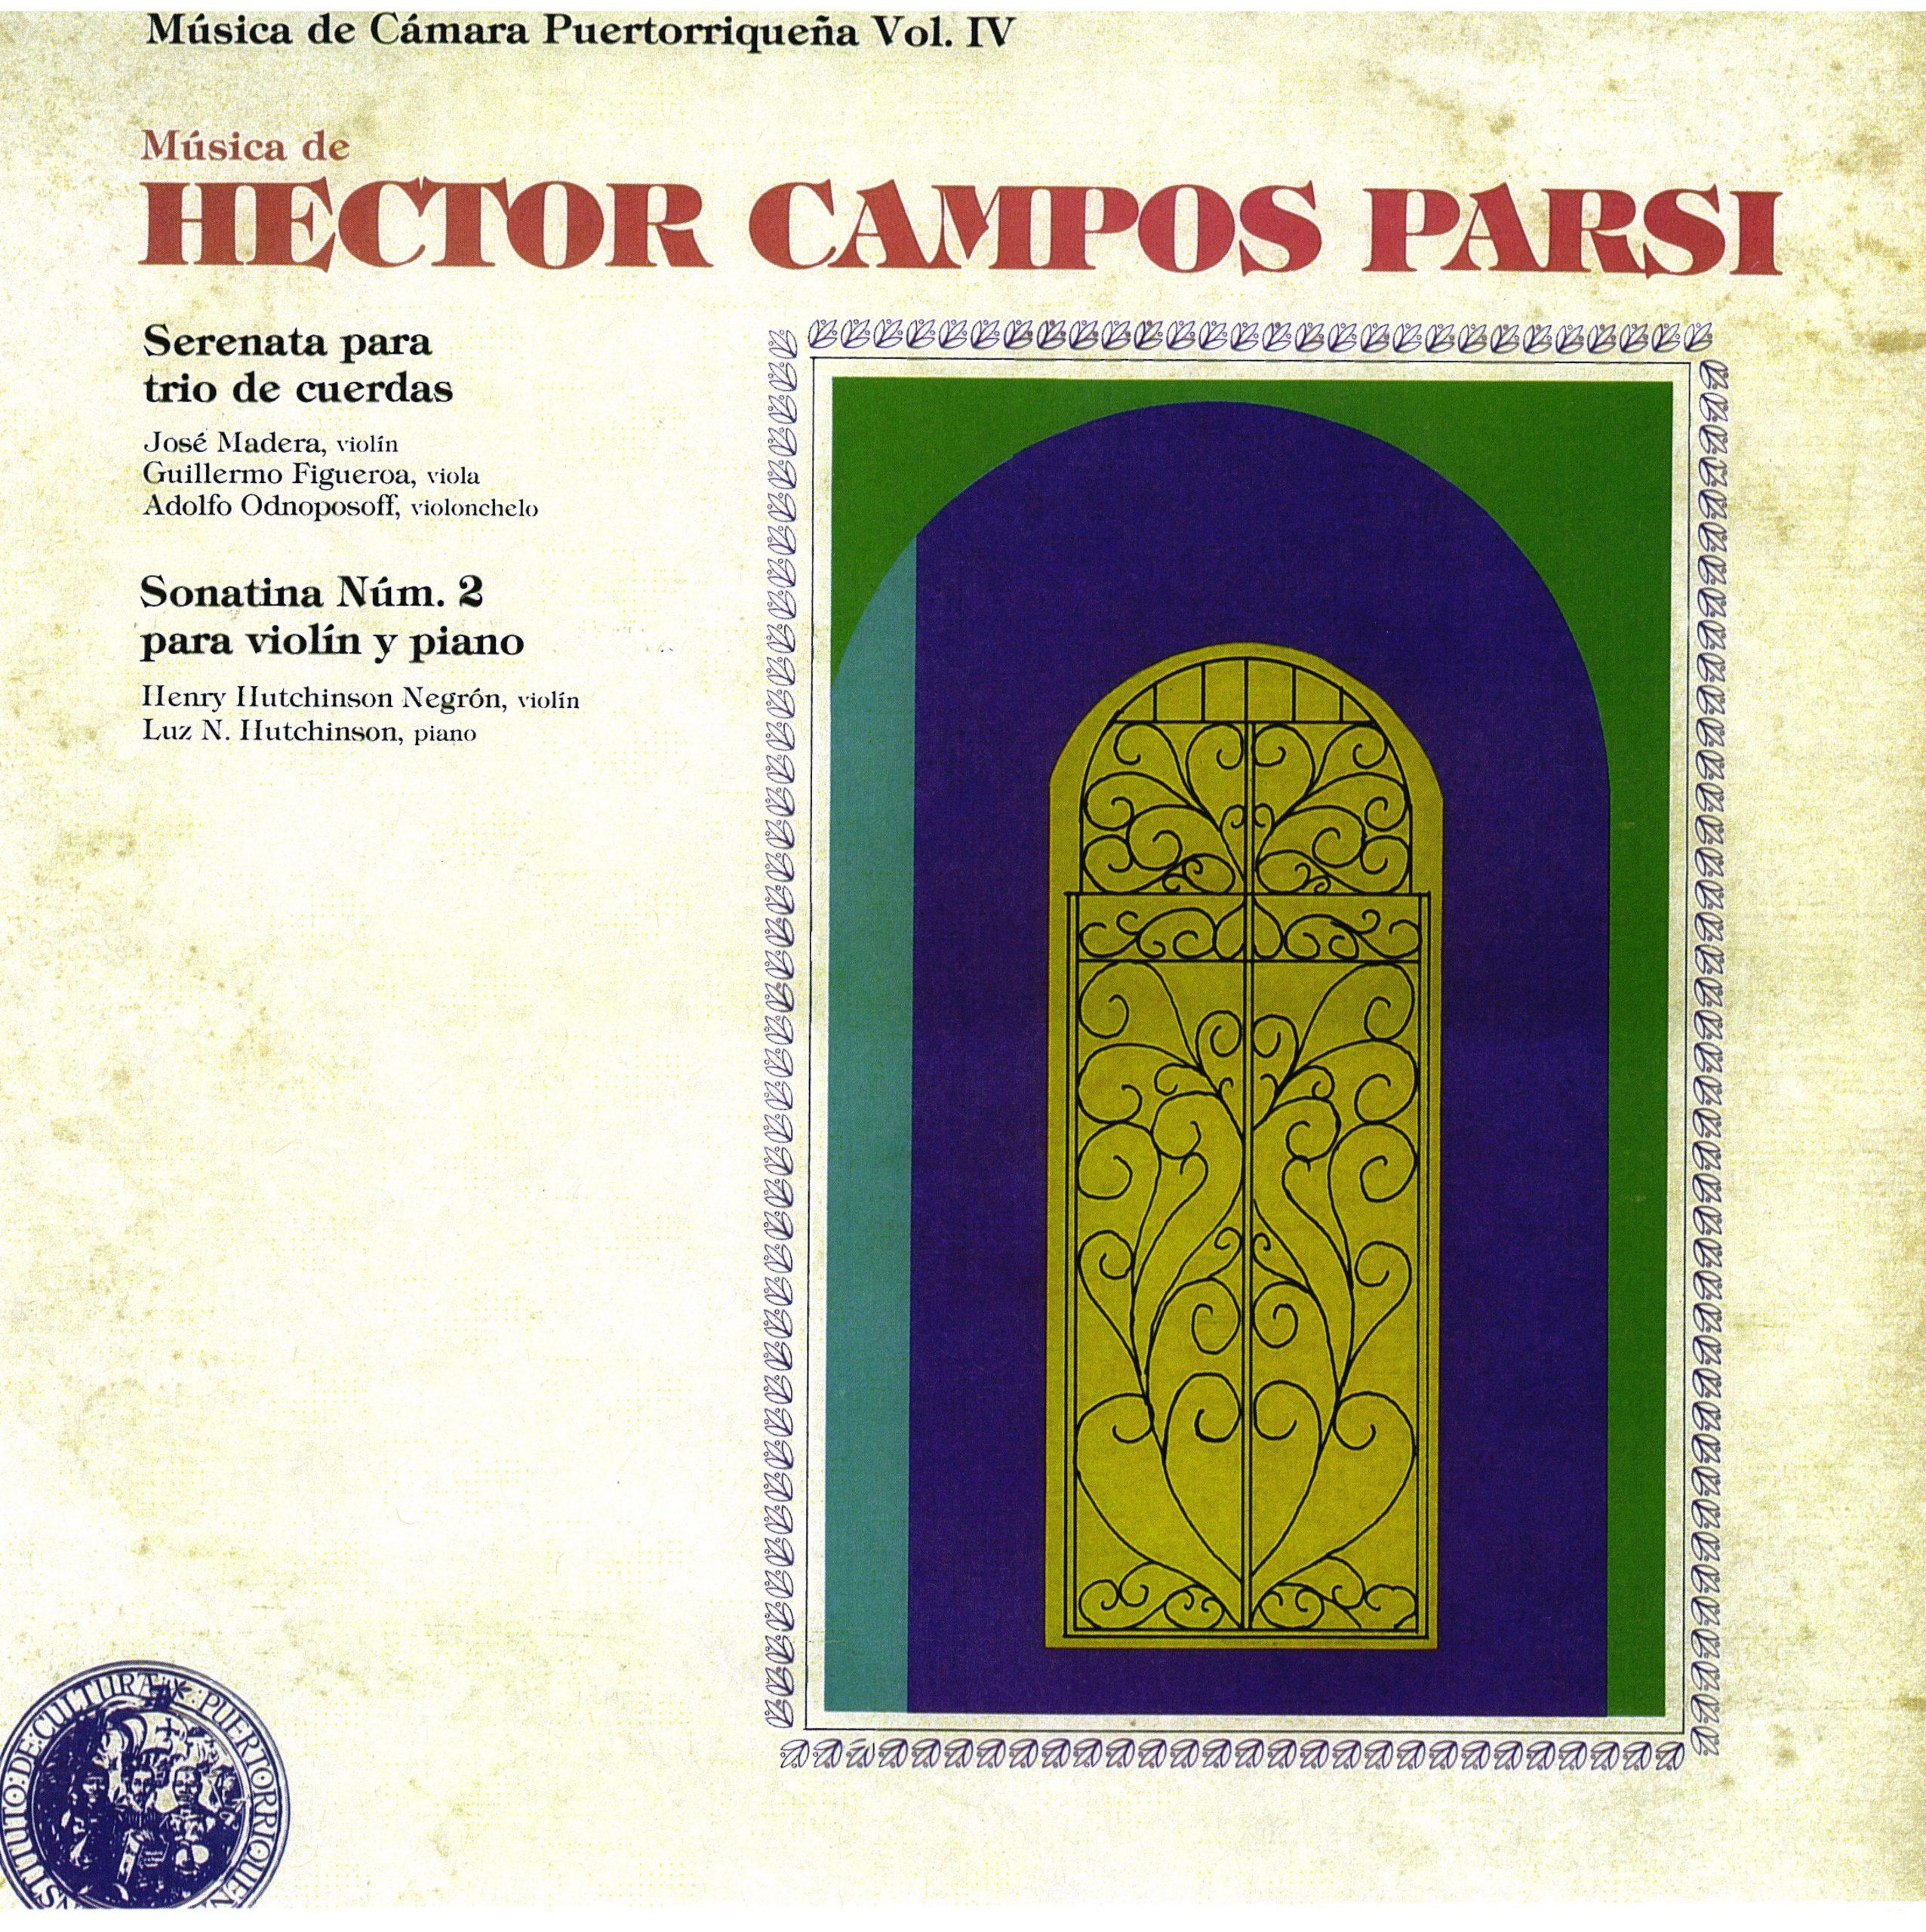 Parte del legado de don Héctor Campos Parsi se encuentra en la selección digitalizada por el ICP.